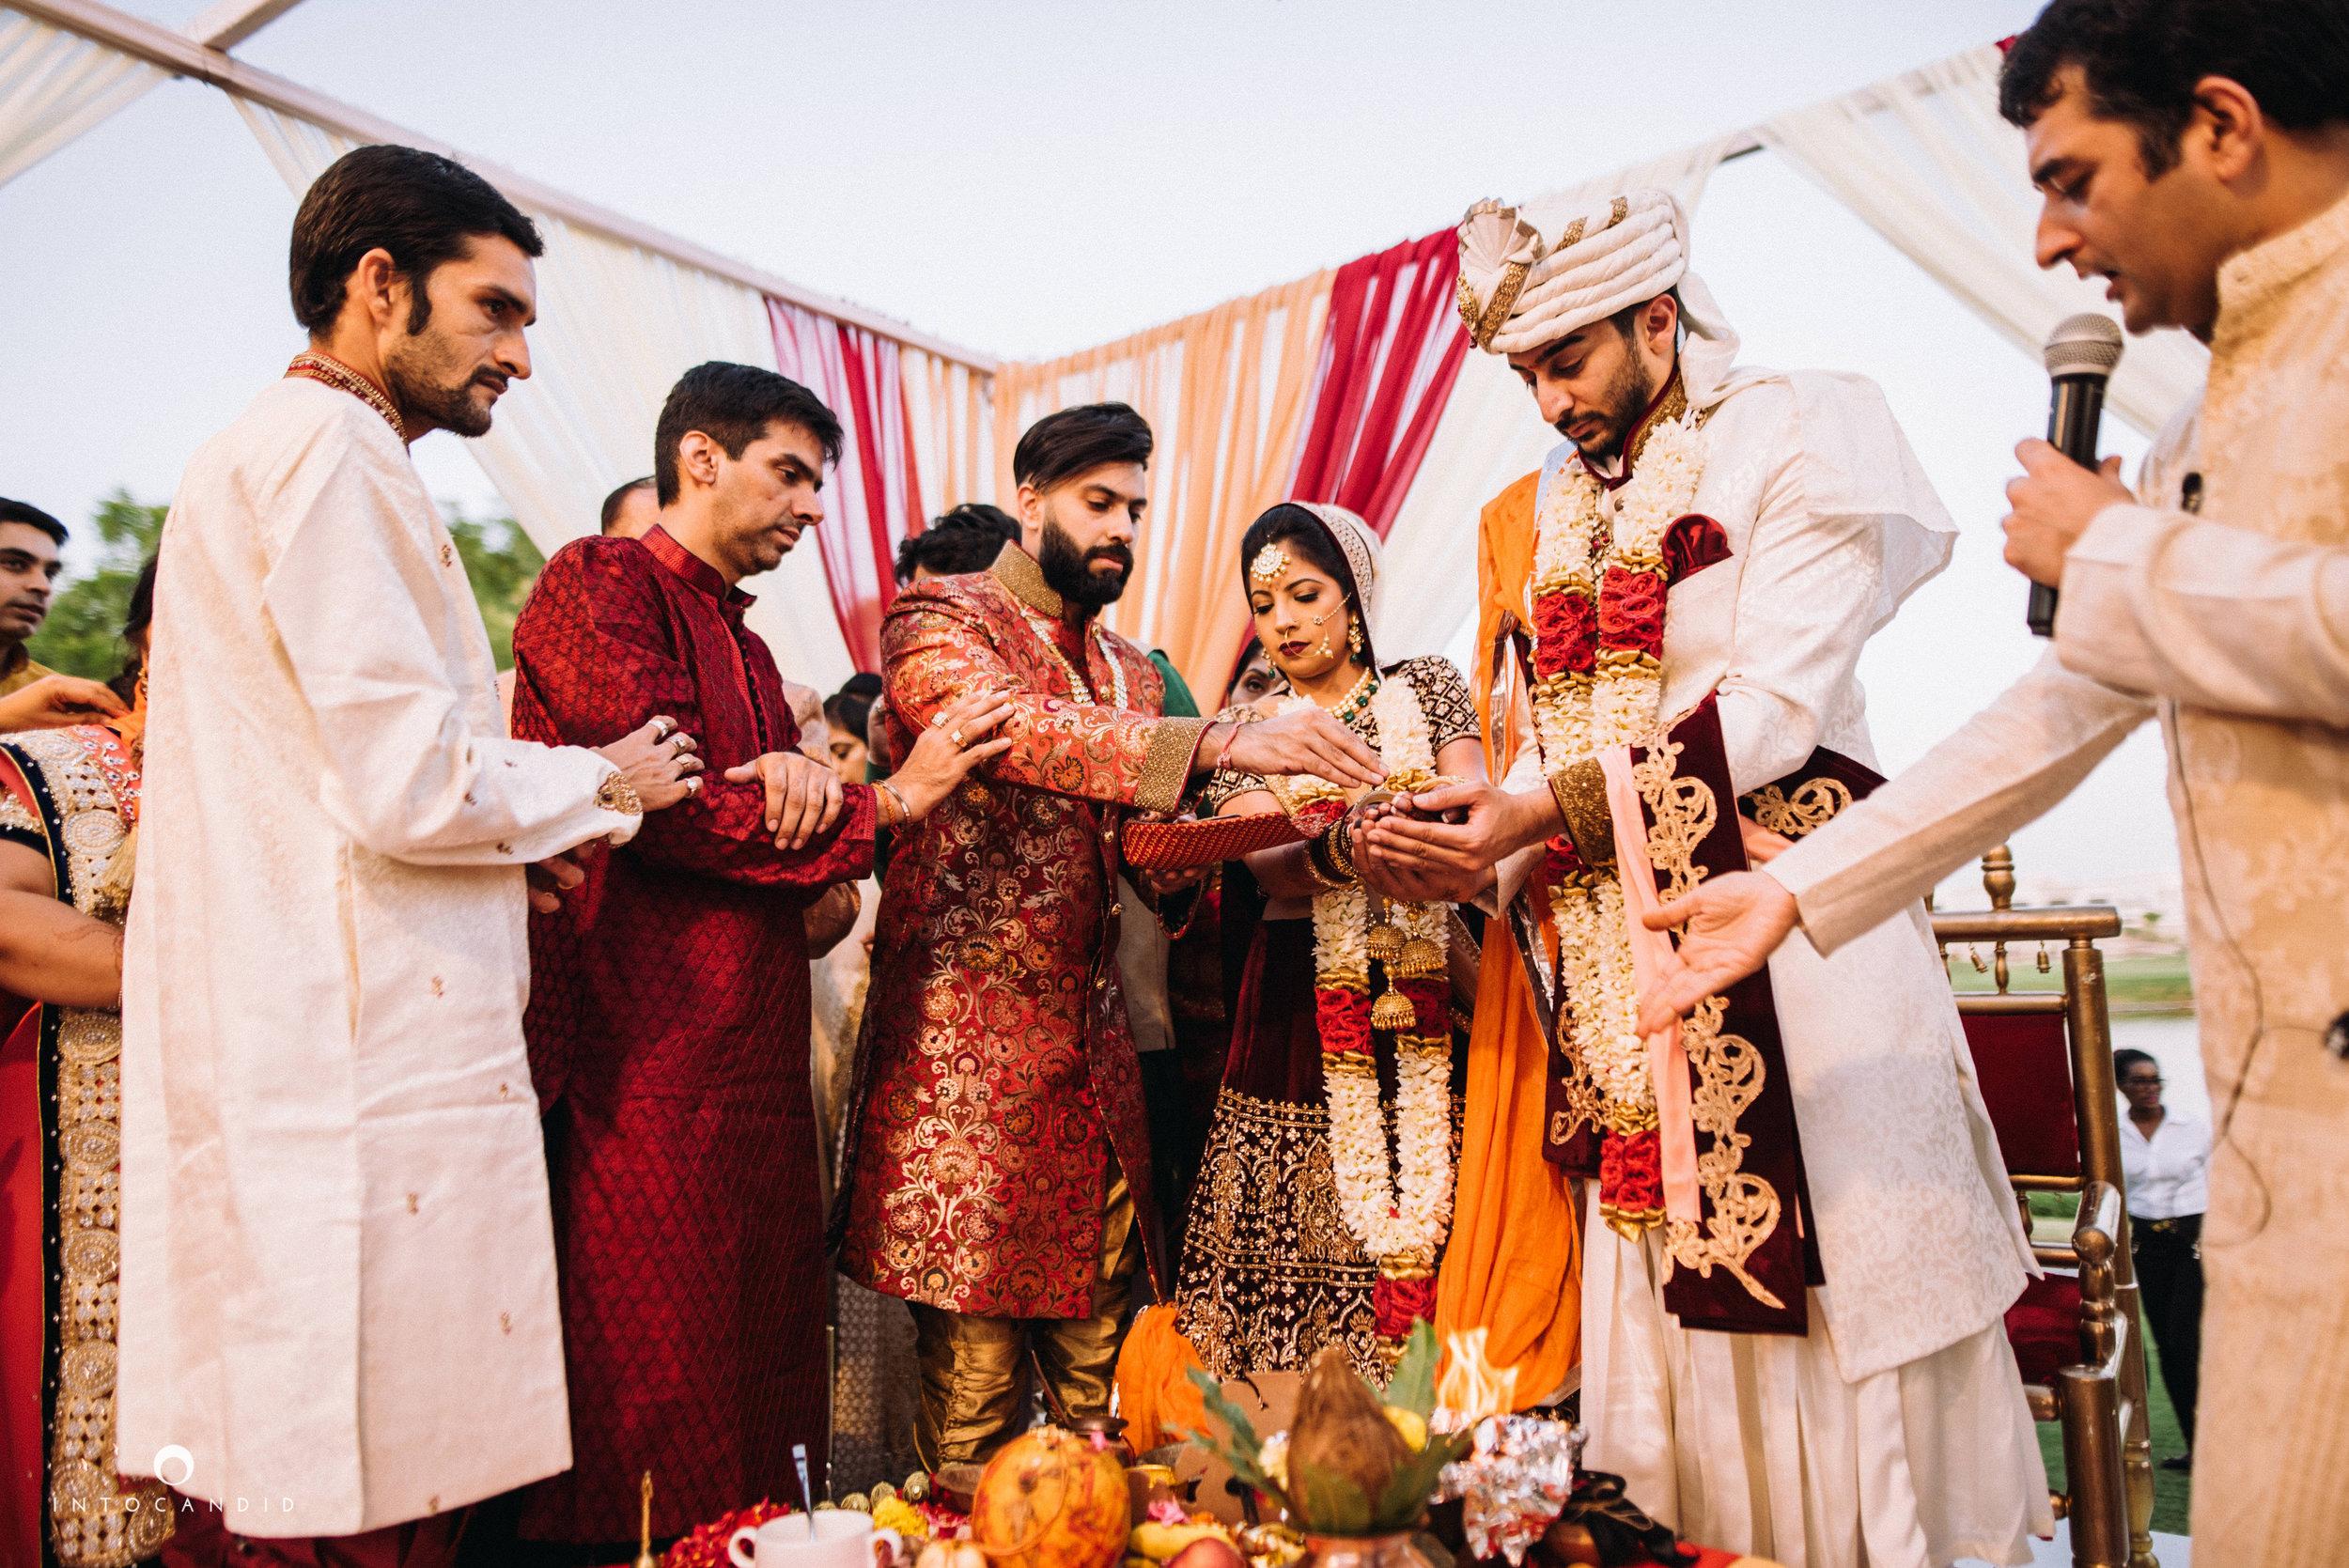 Dubai_Wedding_Photographer_45.JPG